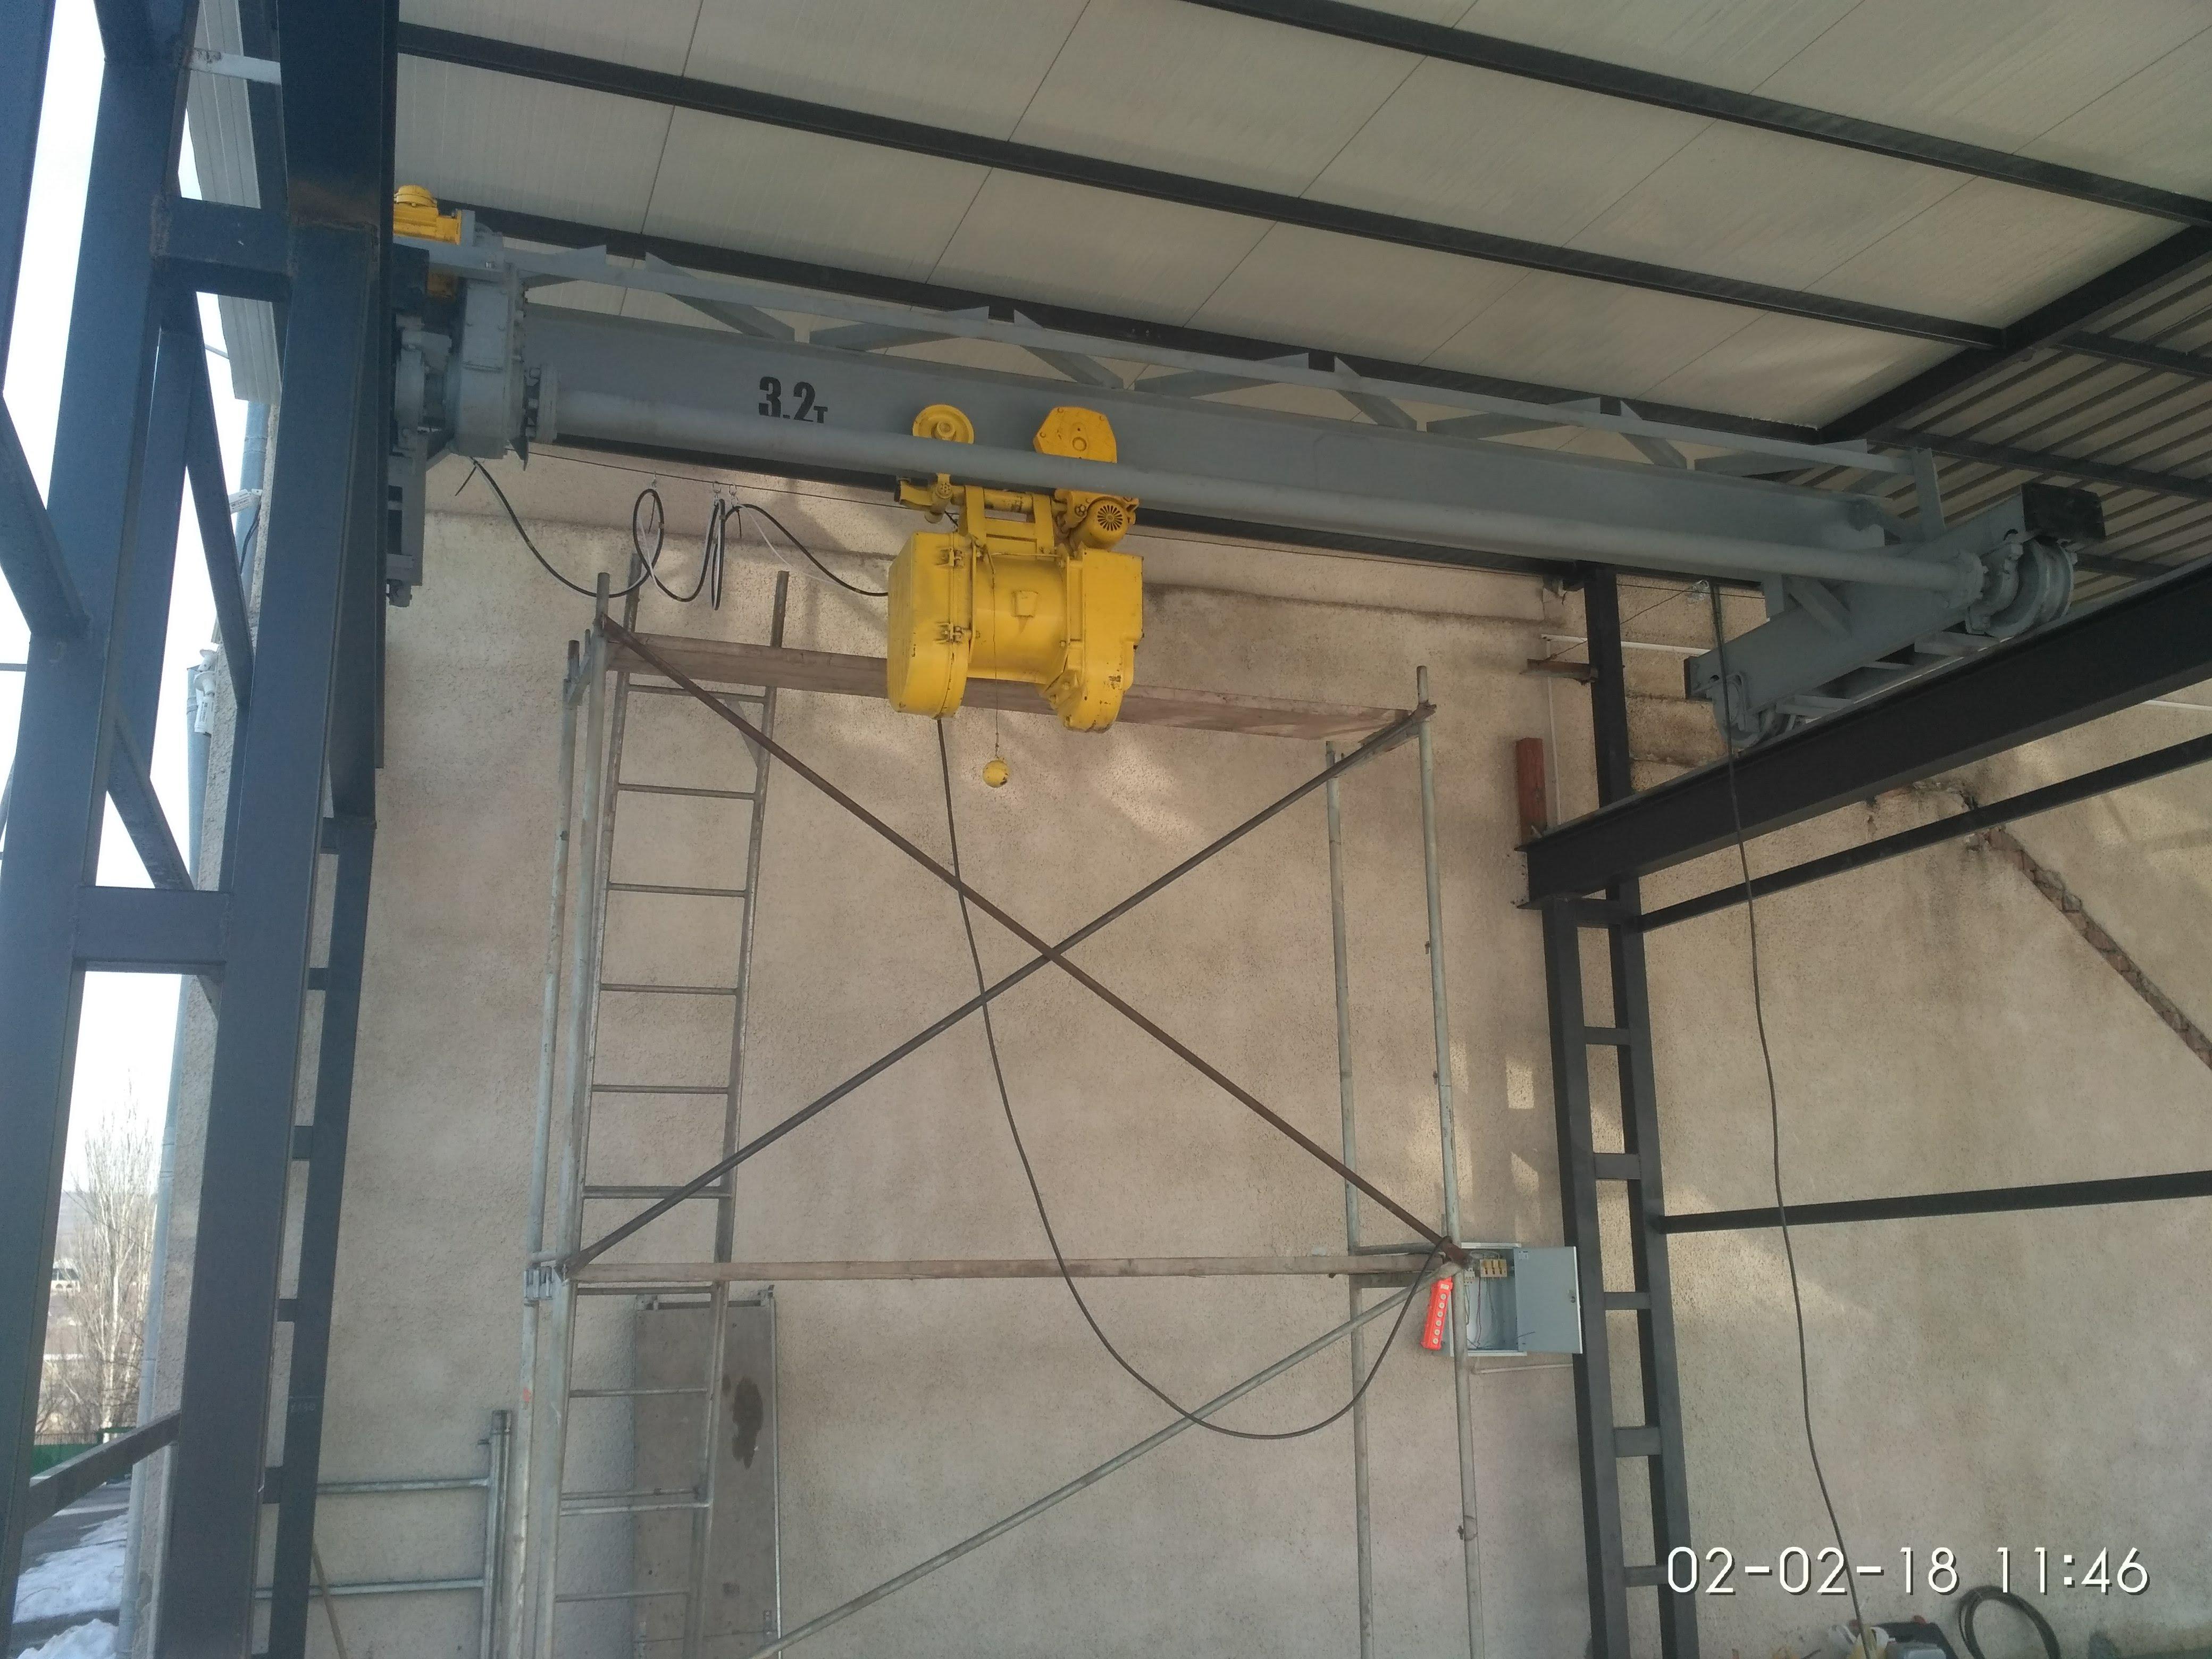 Монтаж кран-балки: установка, подвесной, демонтаж, крепление, опорной, инструкция